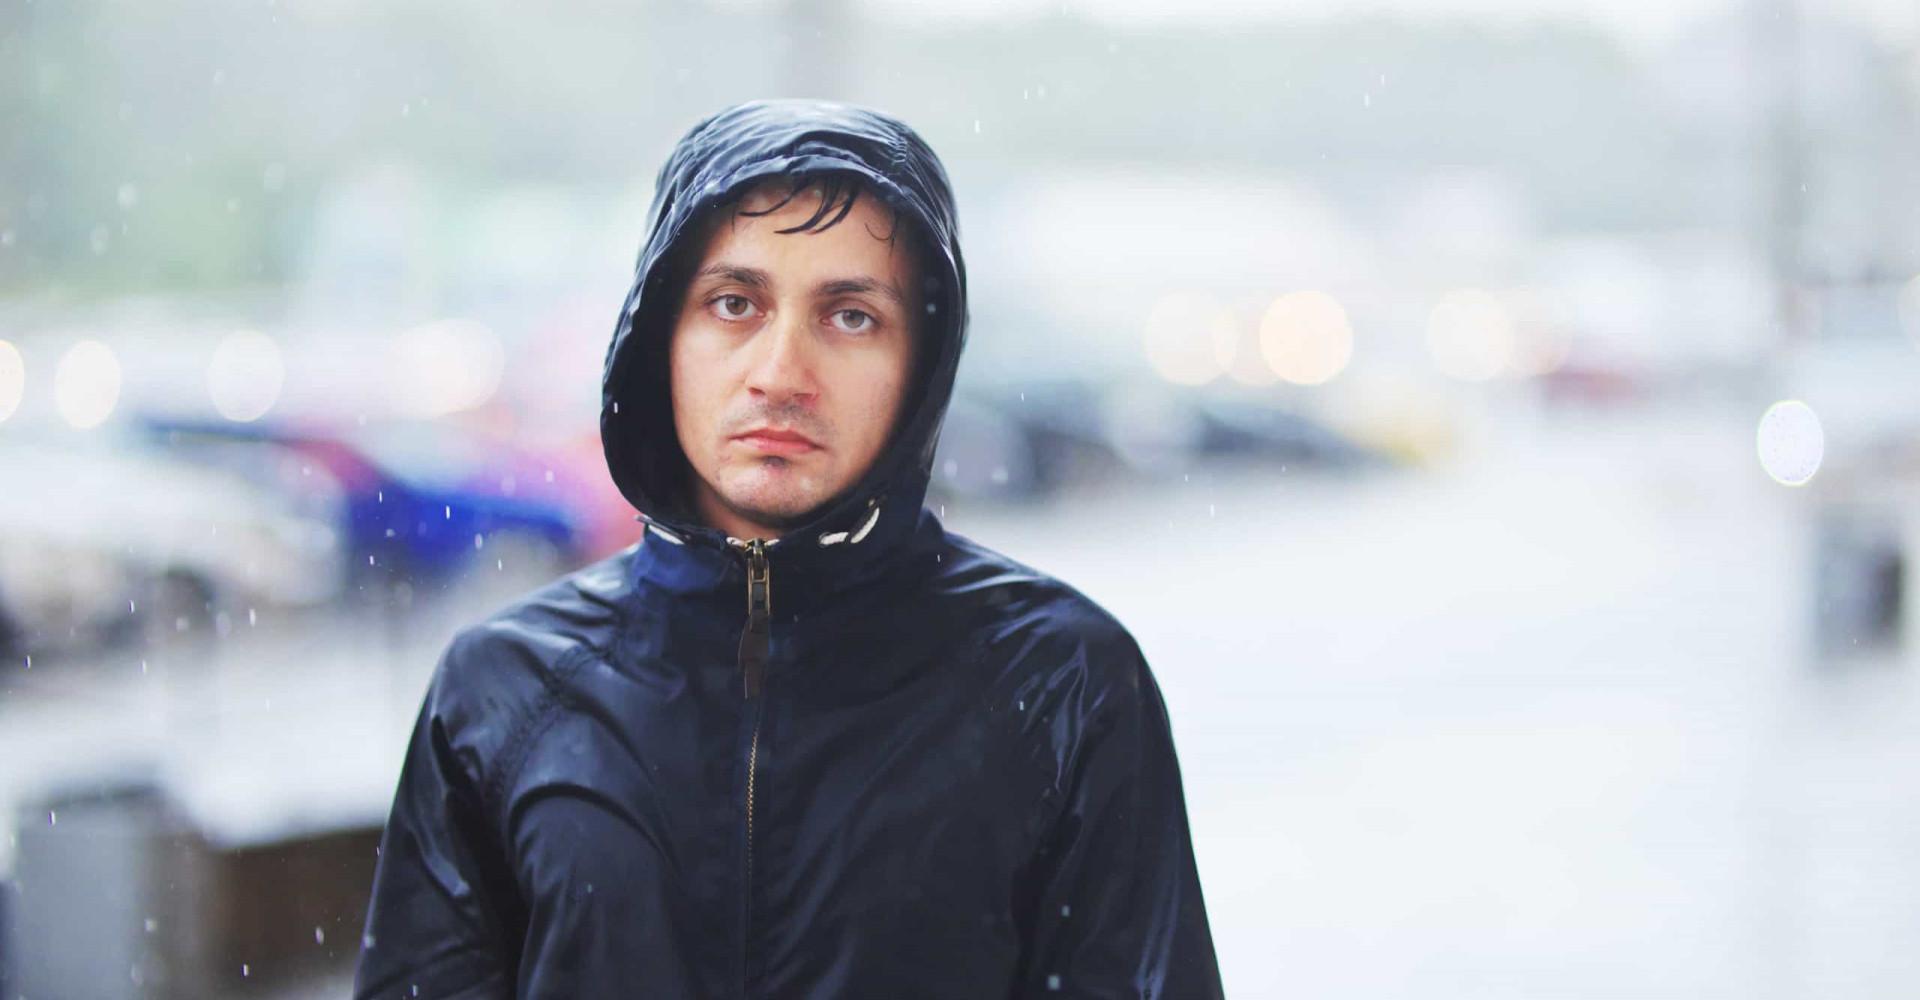 De invloed van regen op je gemoedstoestand